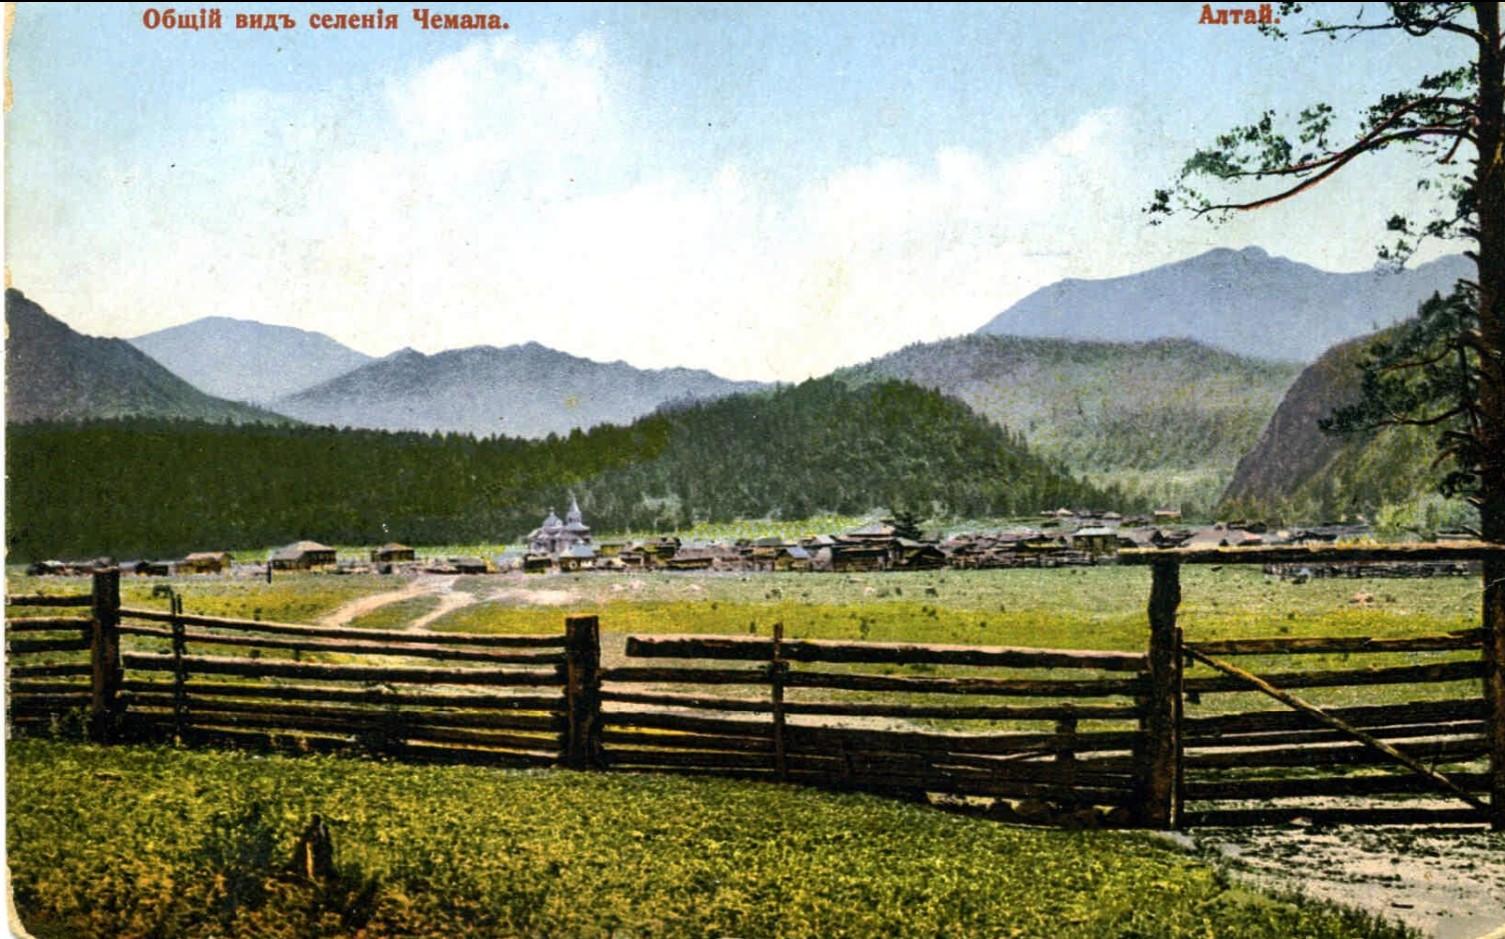 Общий вид селения Чемала